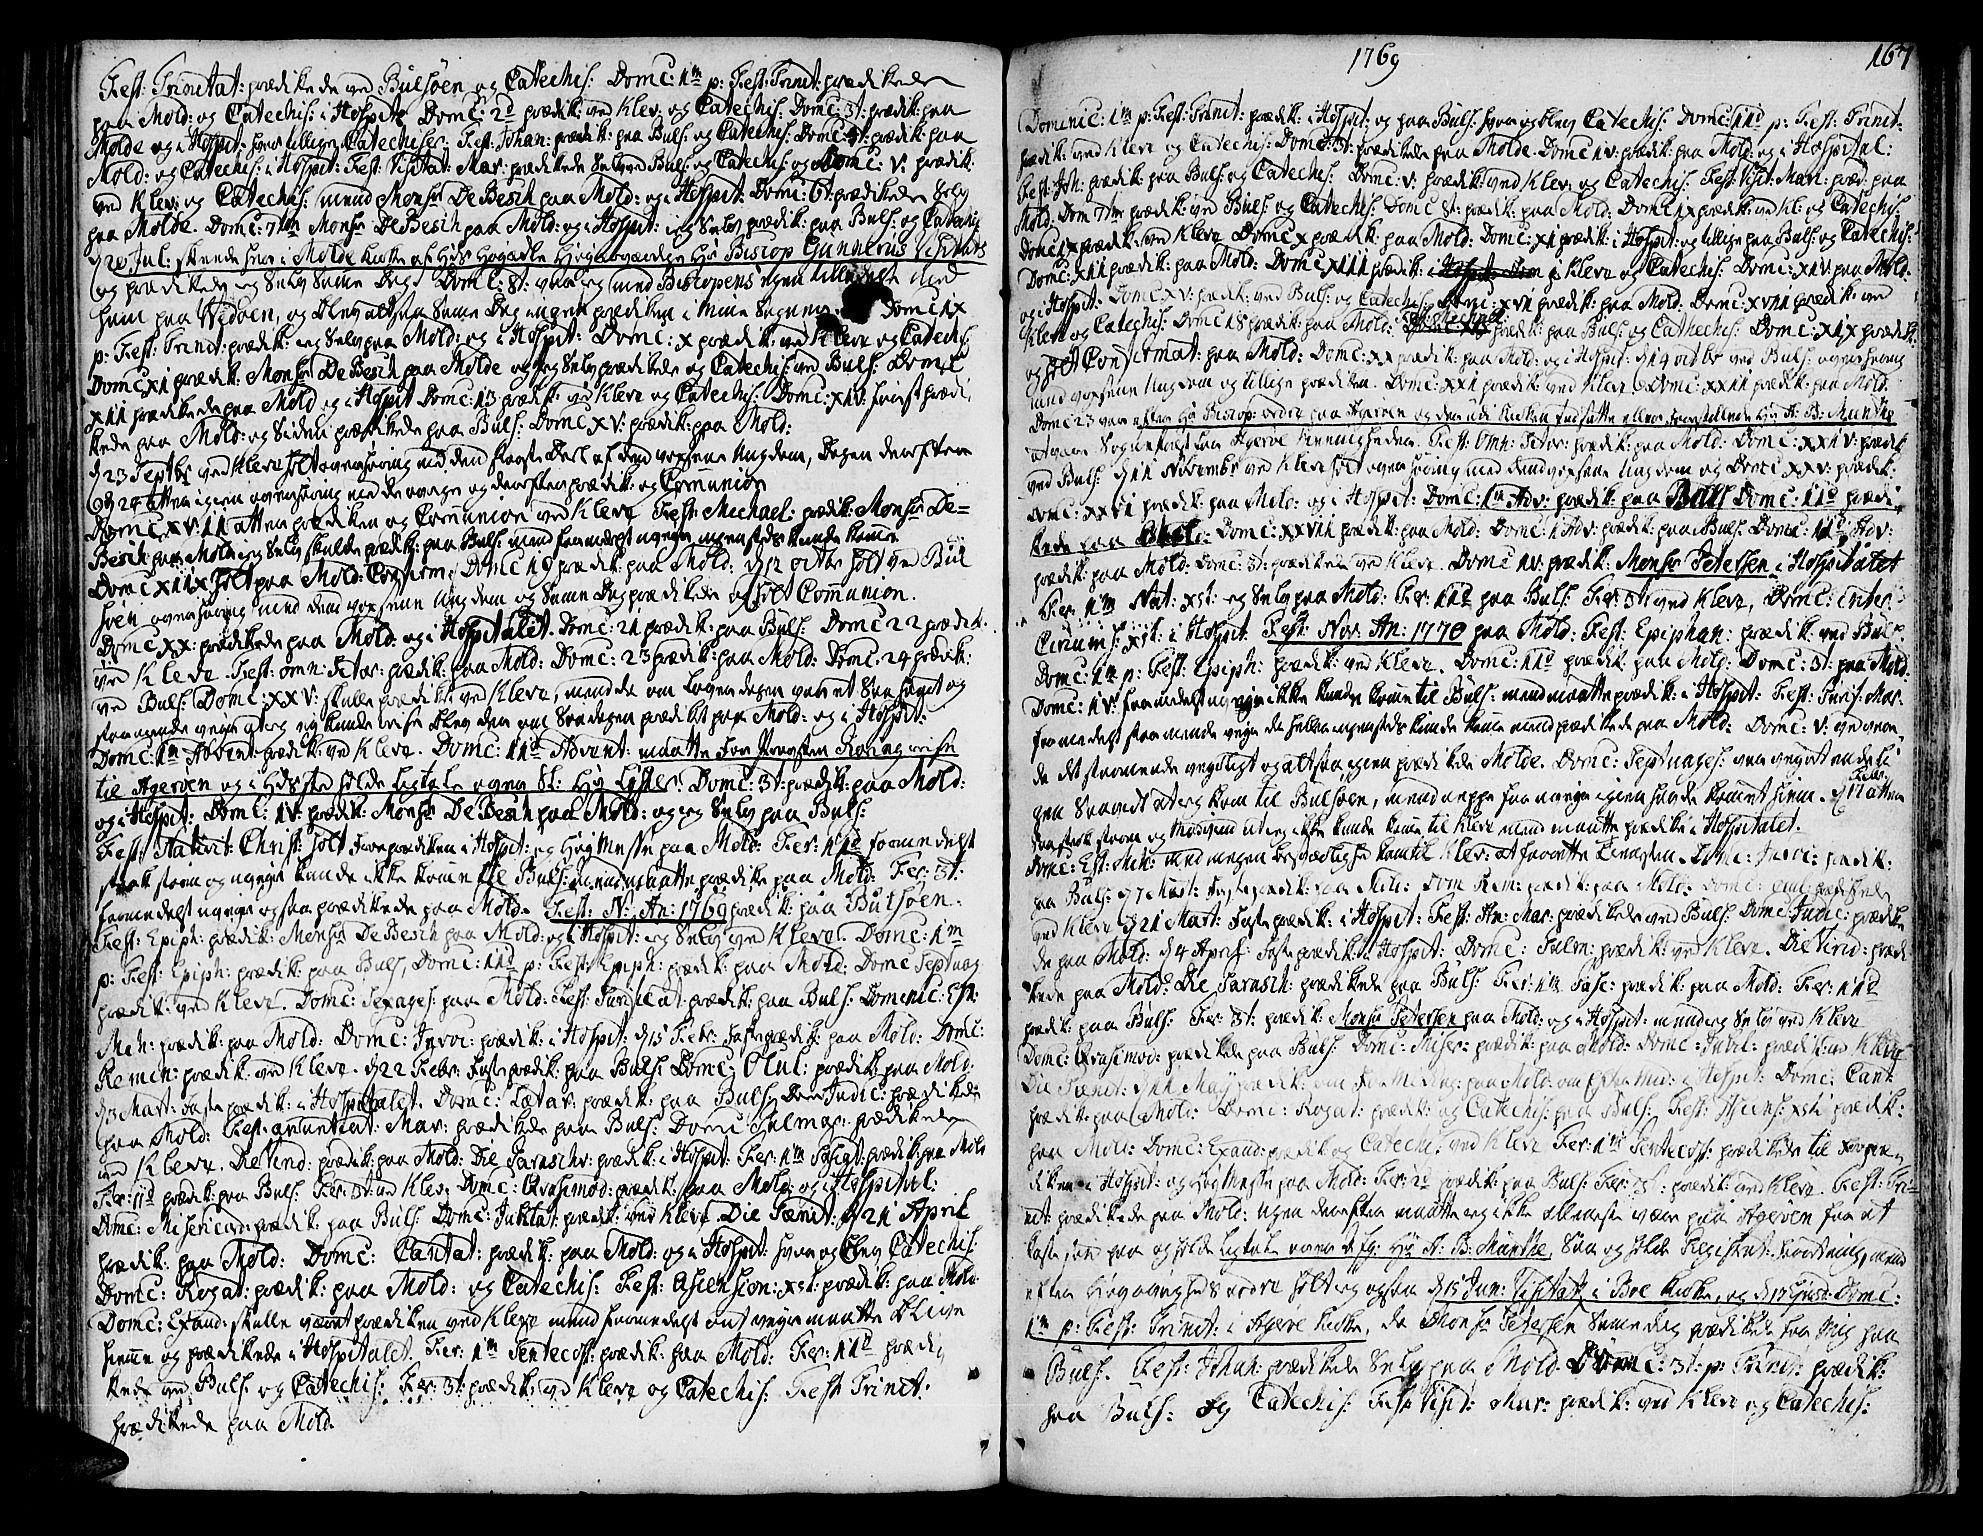 SAT, Ministerialprotokoller, klokkerbøker og fødselsregistre - Møre og Romsdal, 555/L0648: Ministerialbok nr. 555A01, 1759-1793, s. 167